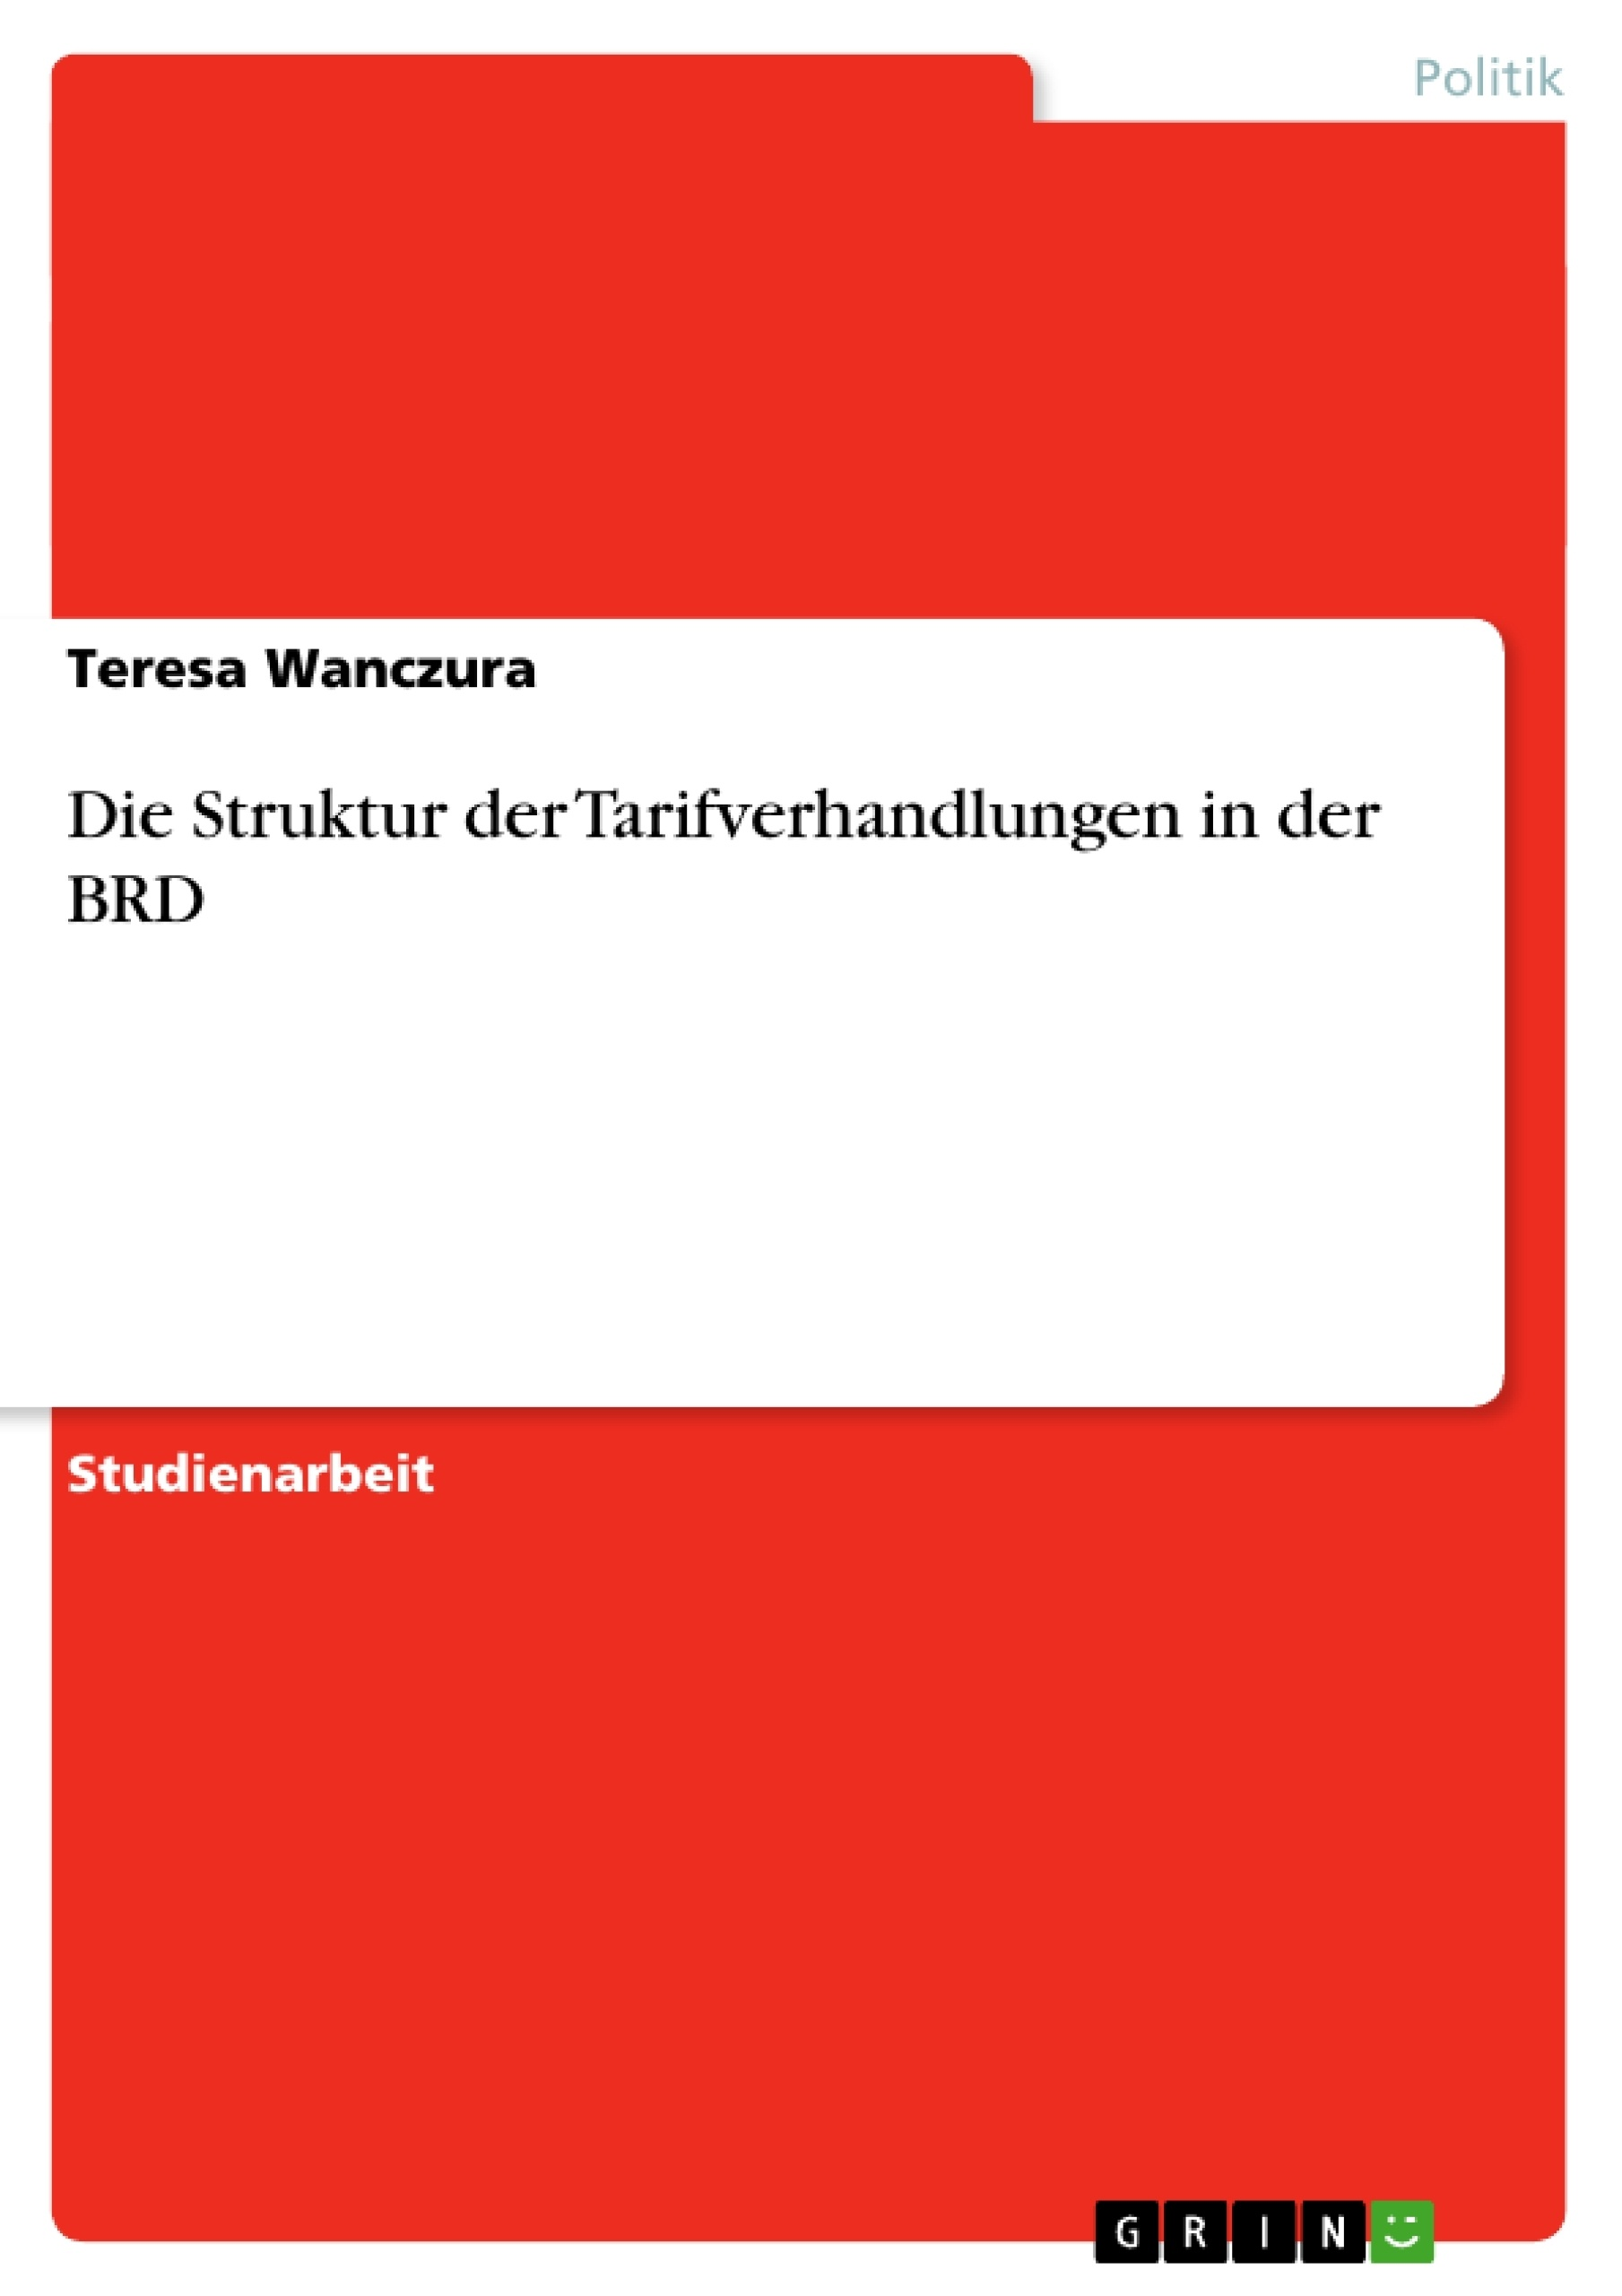 Titel: Die Struktur der Tarifverhandlungen in der BRD